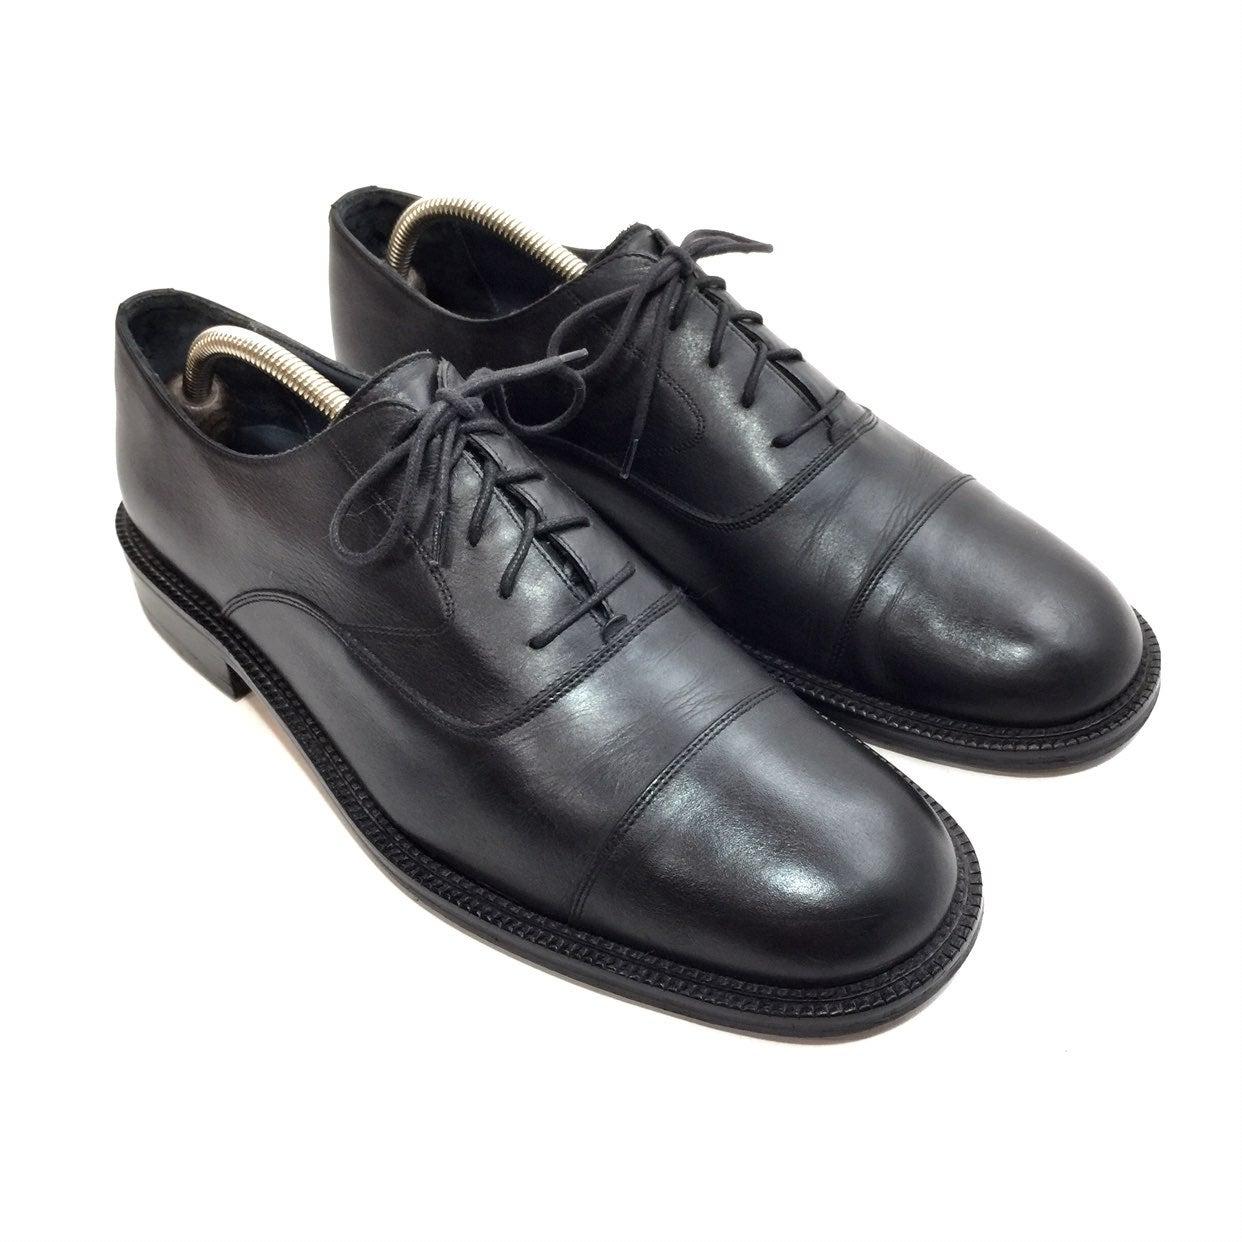 Bruno Magli Black Leather Todd Oxfords